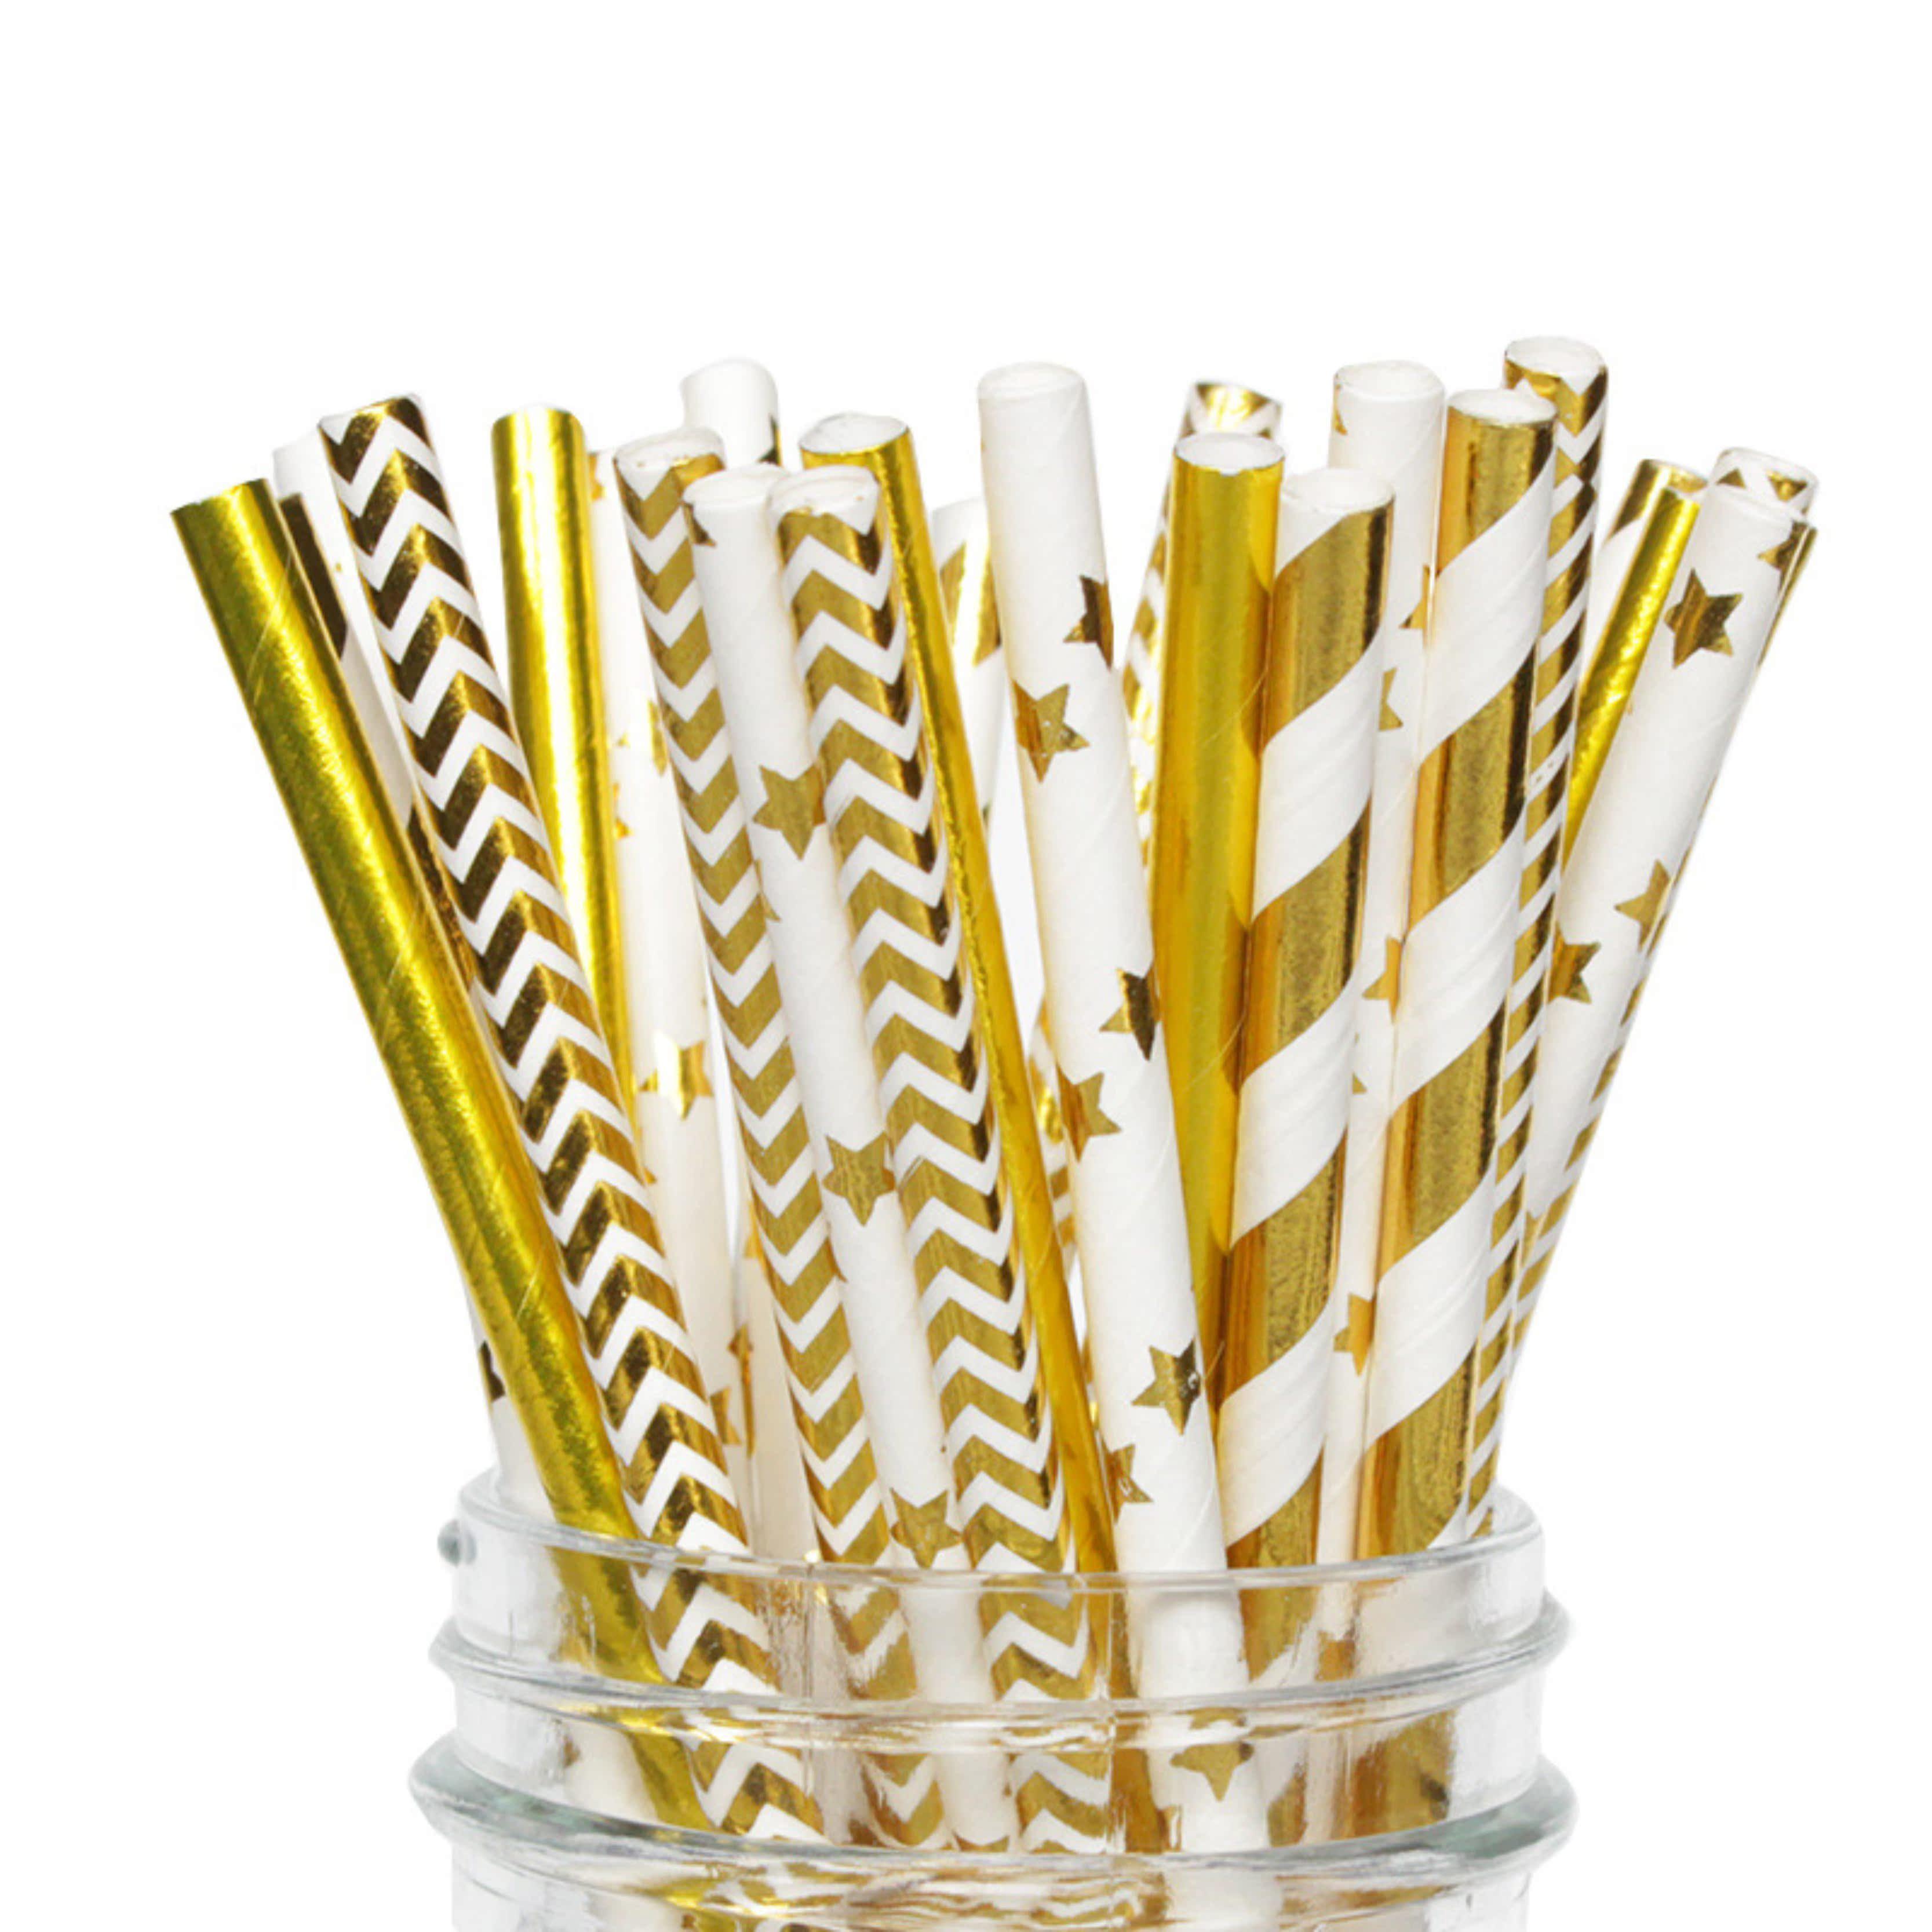 圣诞节派对 华丽生日蛋糕装饰 烫金条纹波点星星爱心纸吸管25支装